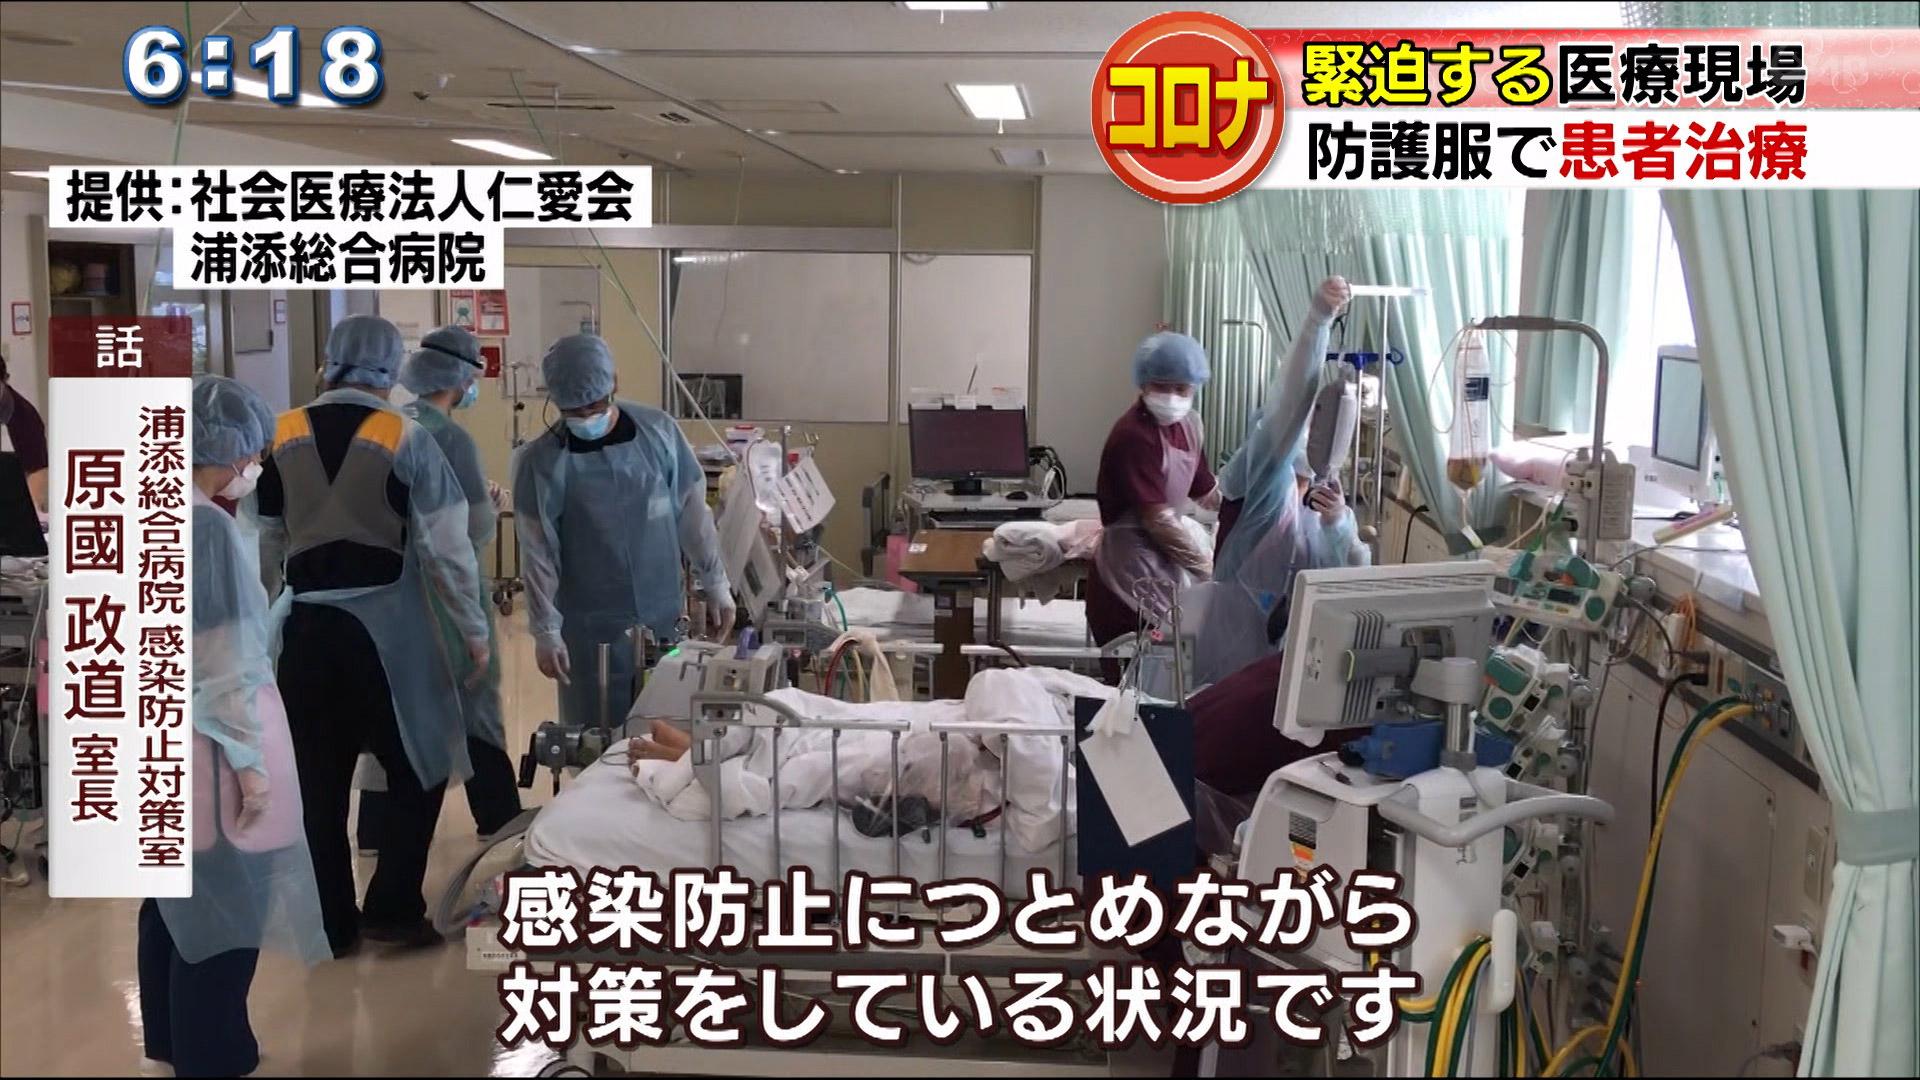 新たに77人の感染確認 外出自粛を県内全域に拡大